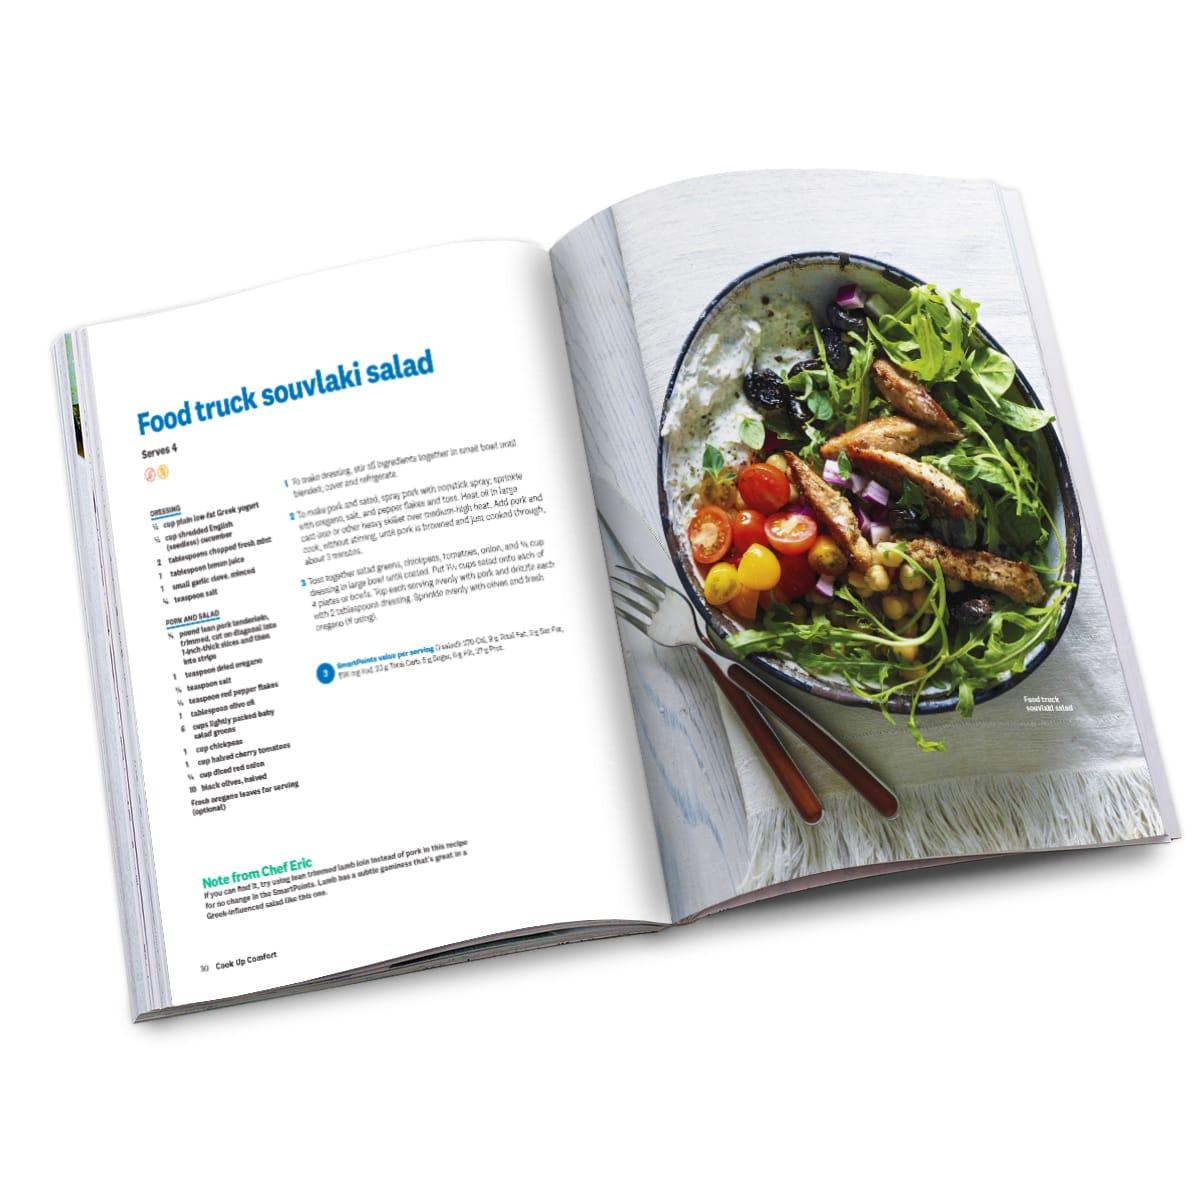 Cook Up Comfort Cookbook - alternate view 2